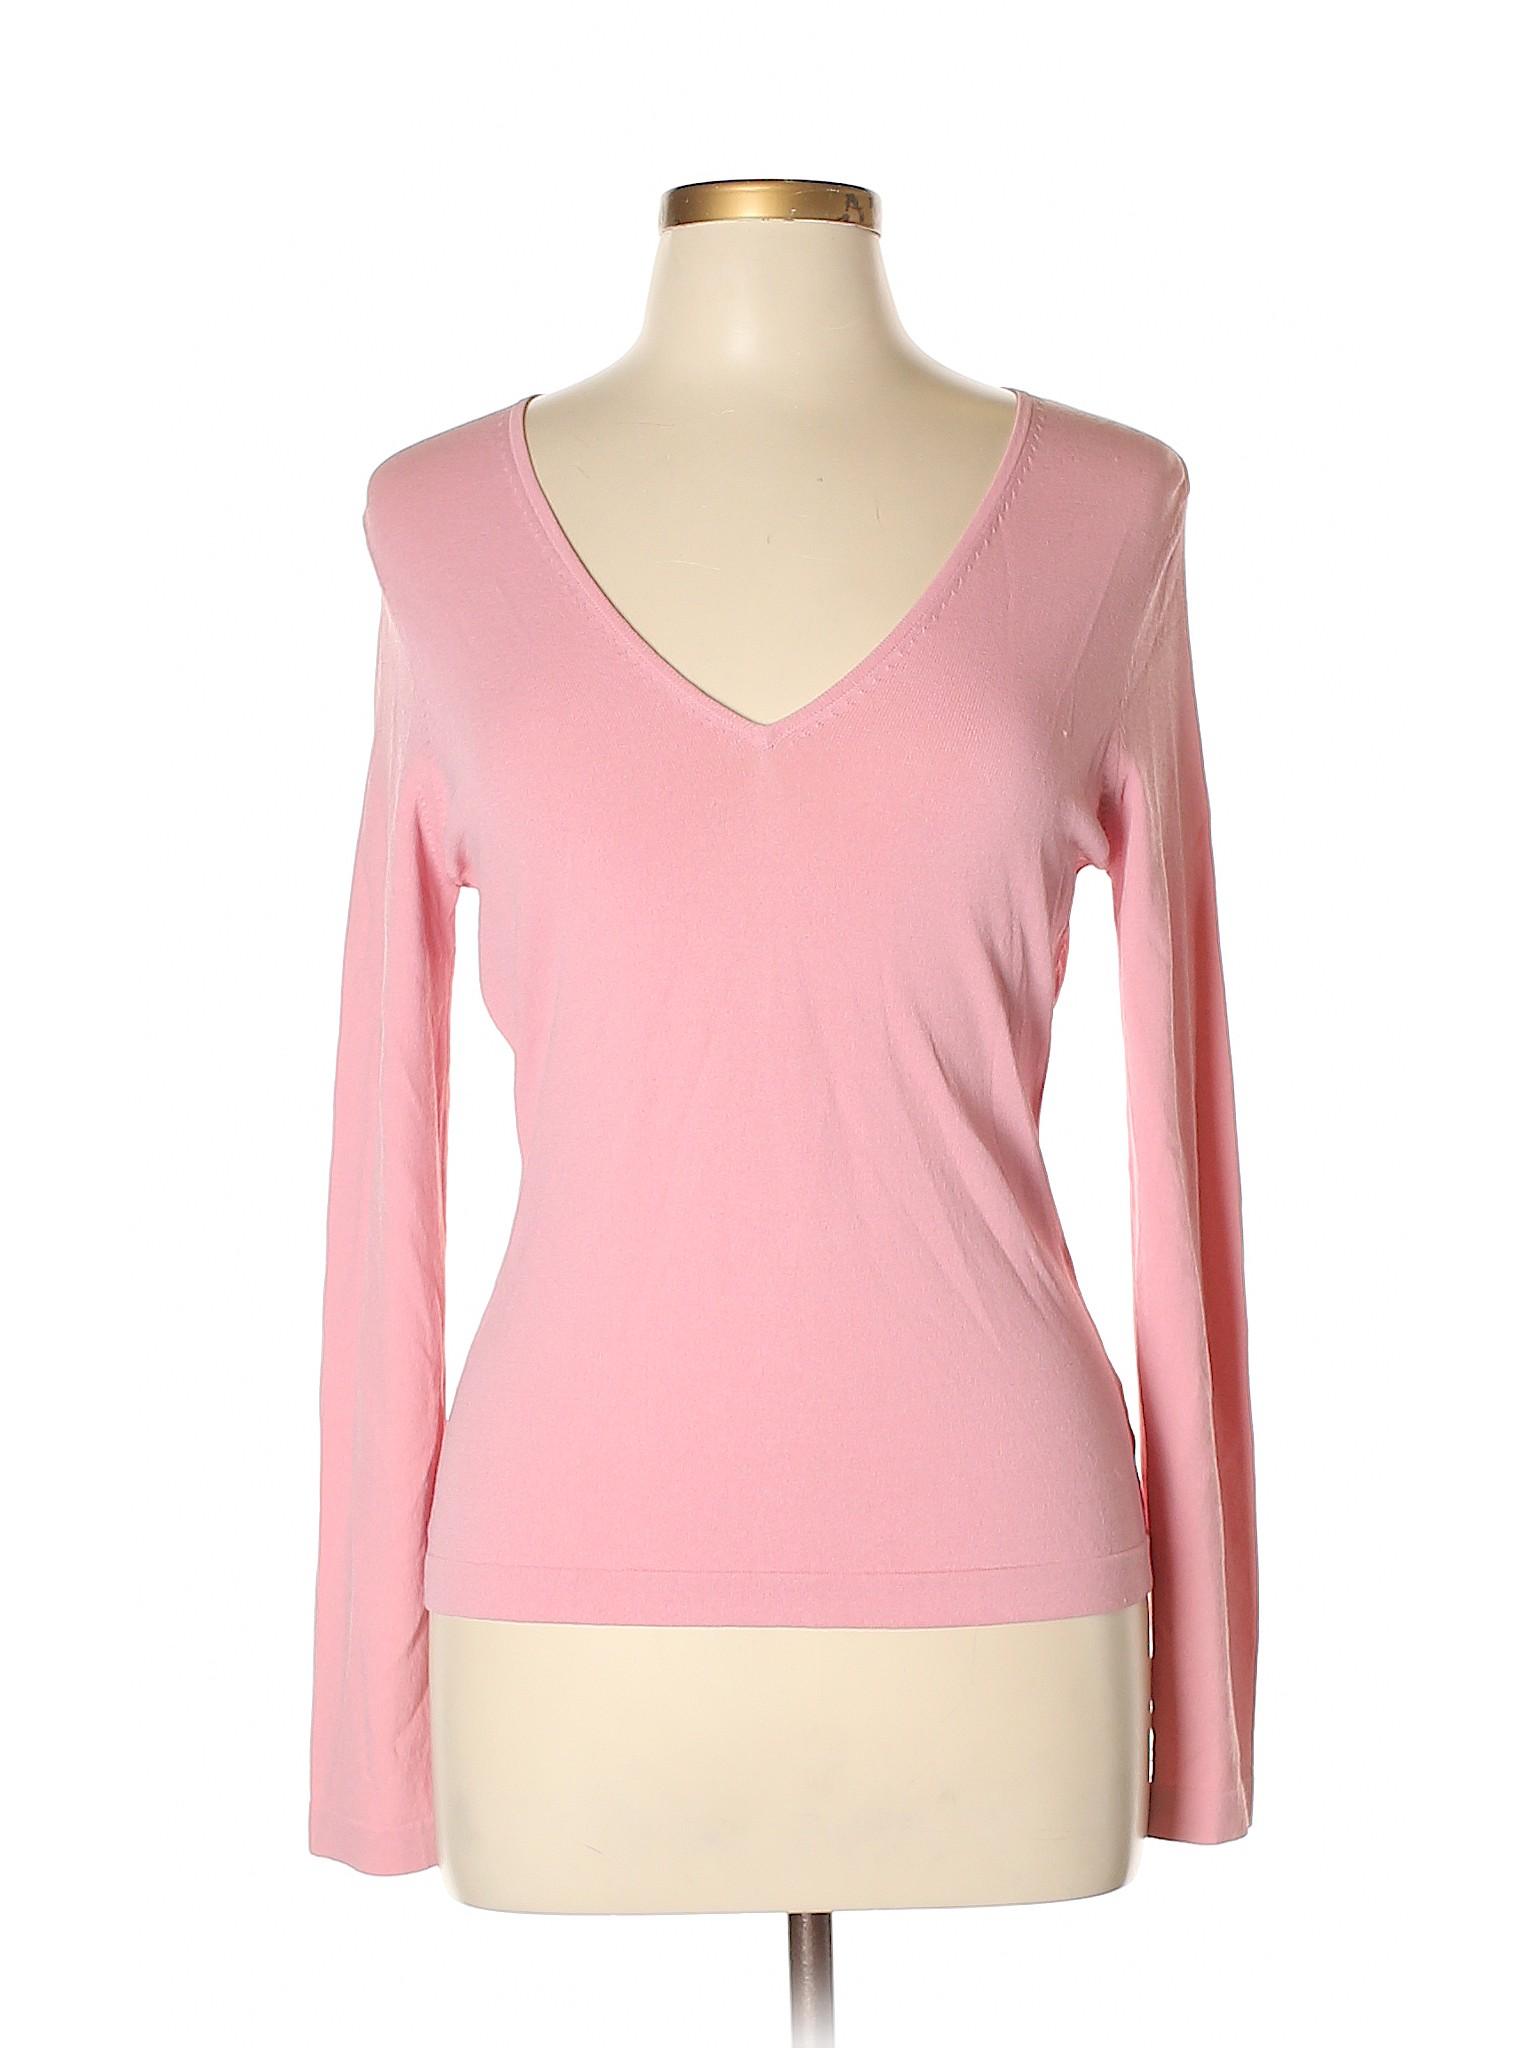 Sweater Sweater Boutique Essendi Pullover Essendi Boutique Boutique Boutique Sweater Pullover Pullover Essendi Essendi rErfwdq